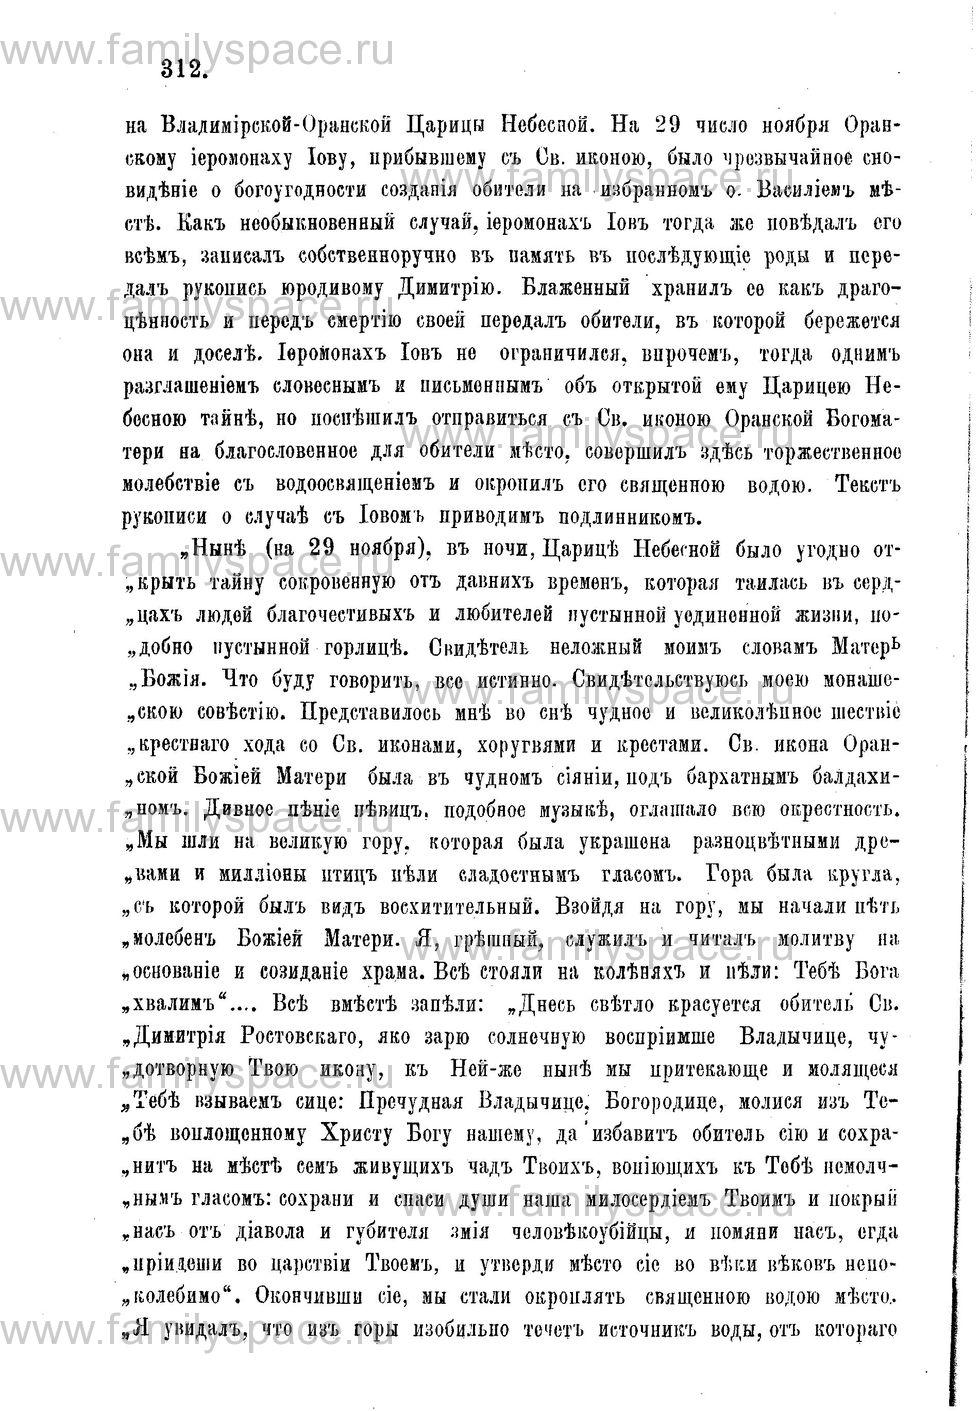 Поиск по фамилии - Адрес-календарь Нижегородской епархии на 1888 год, страница 1312